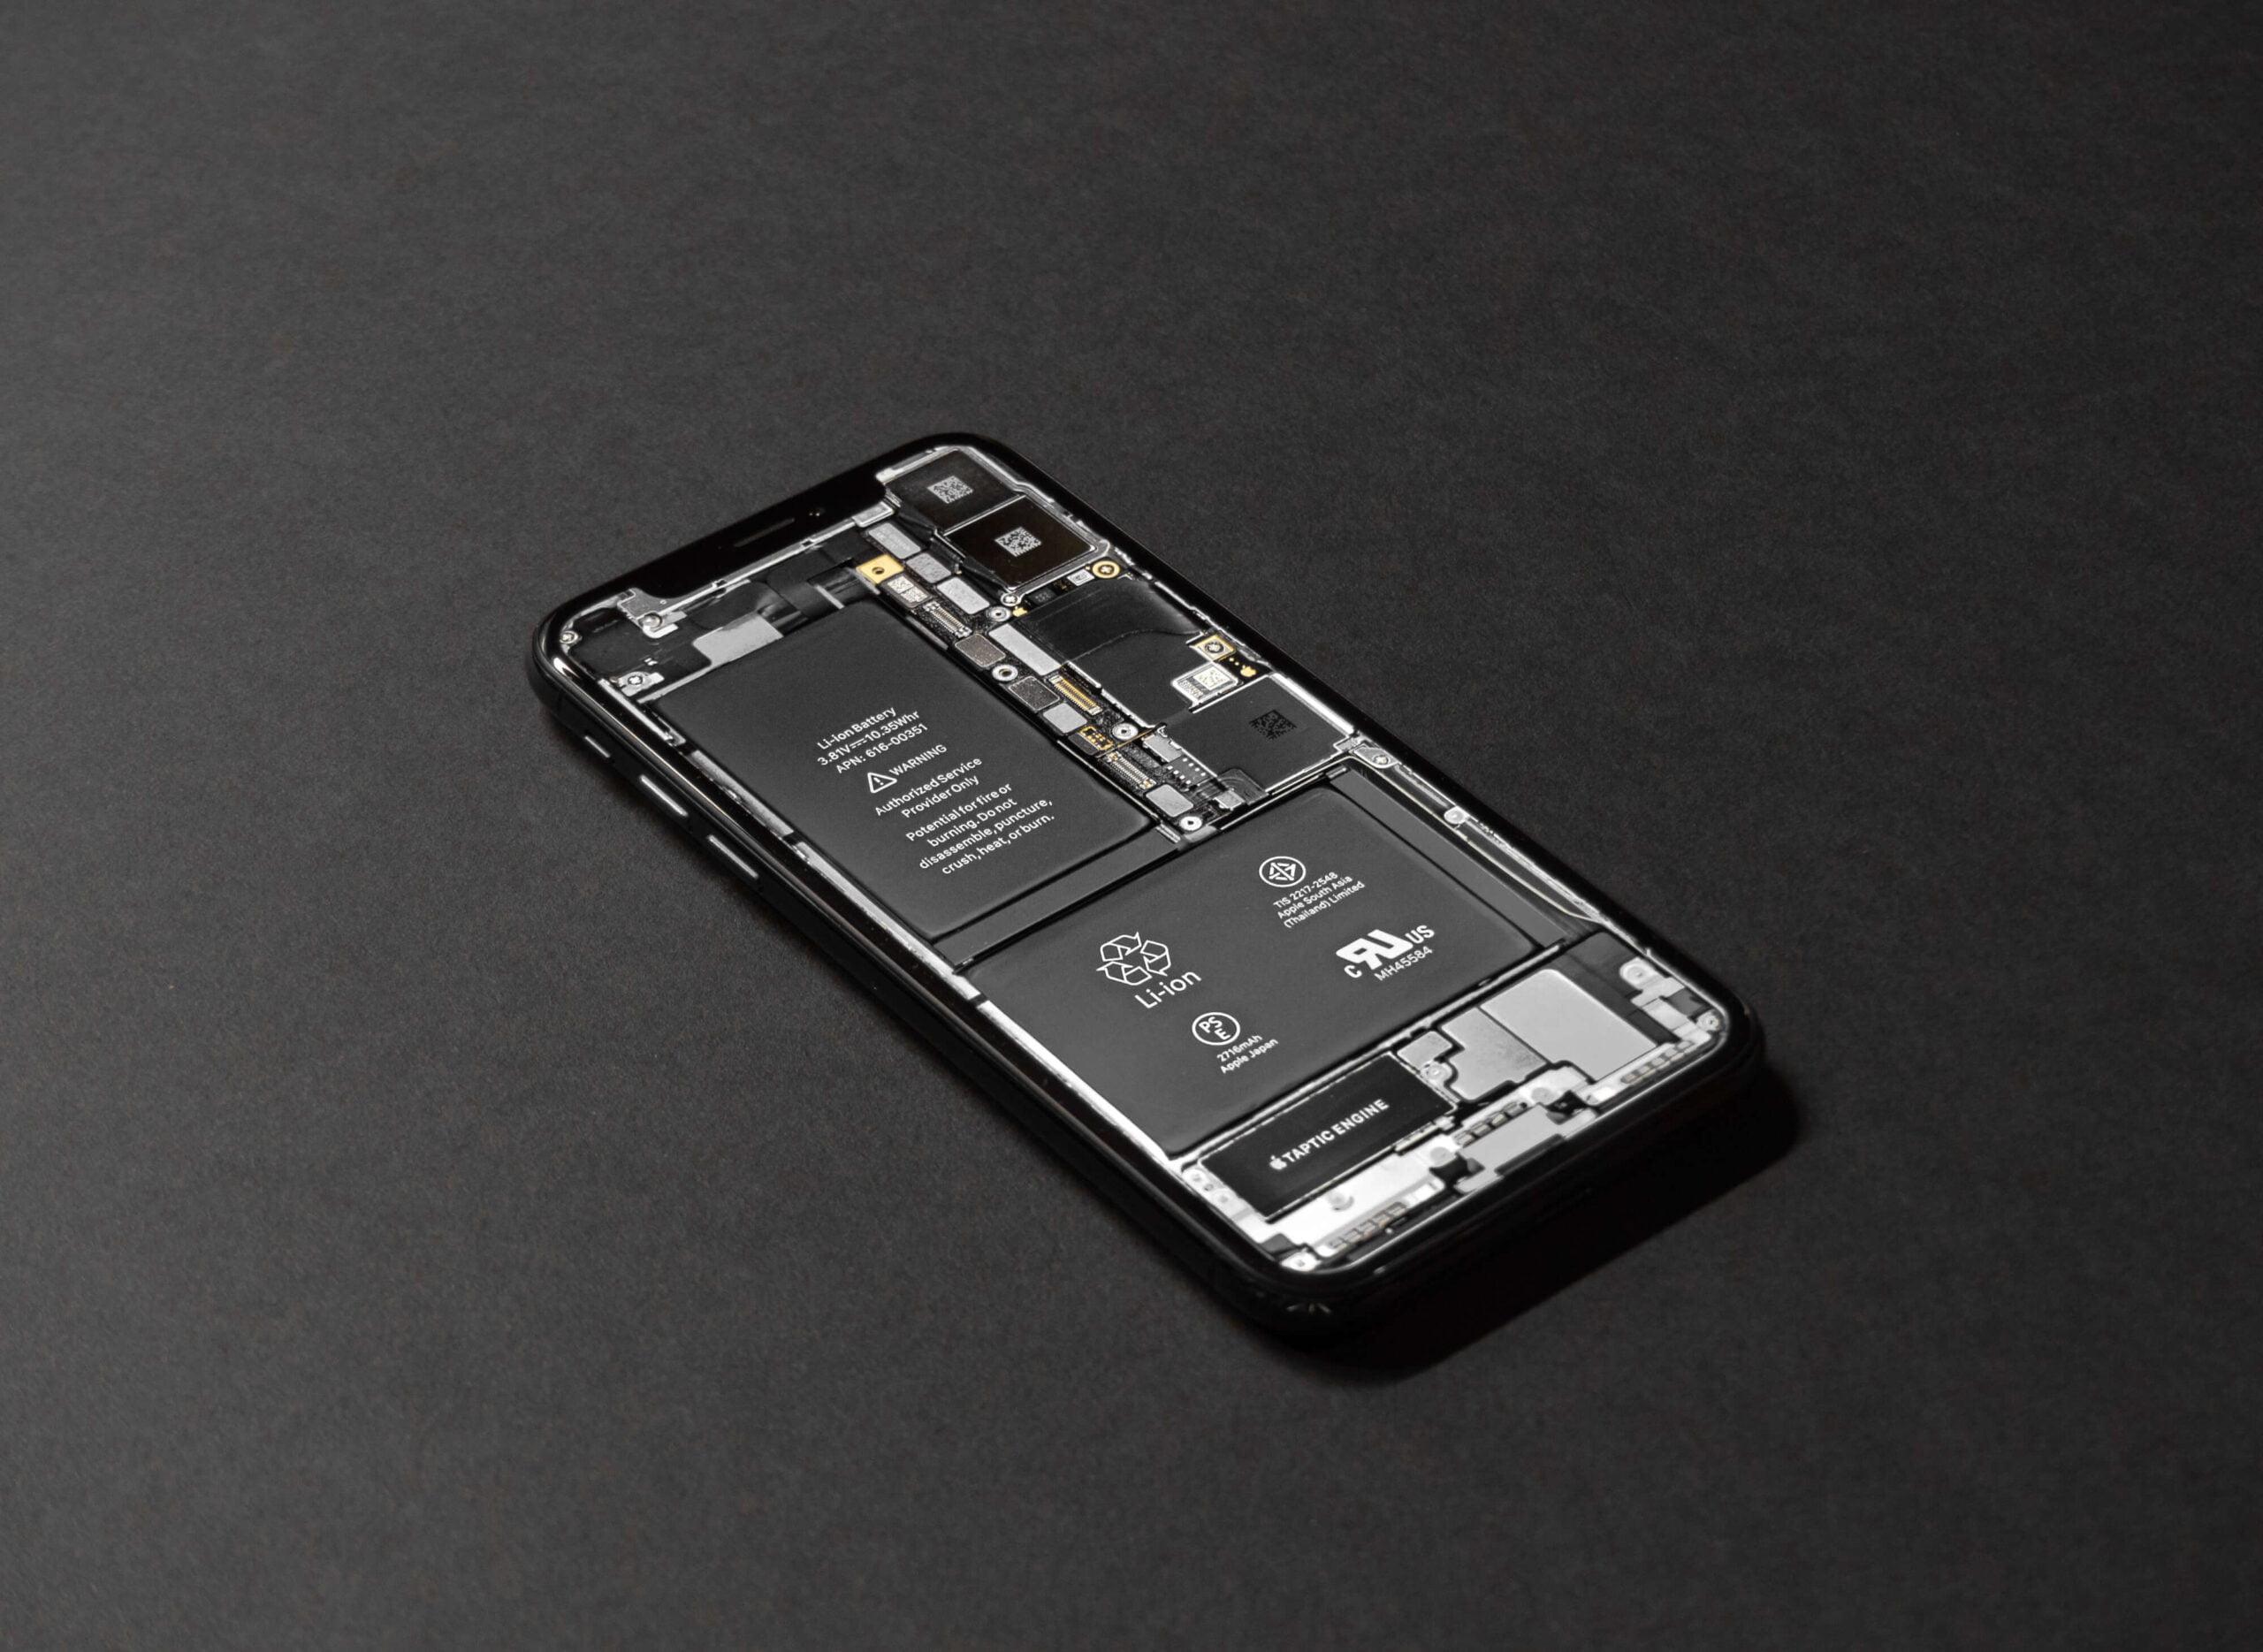 Ładowe baterii w iphone